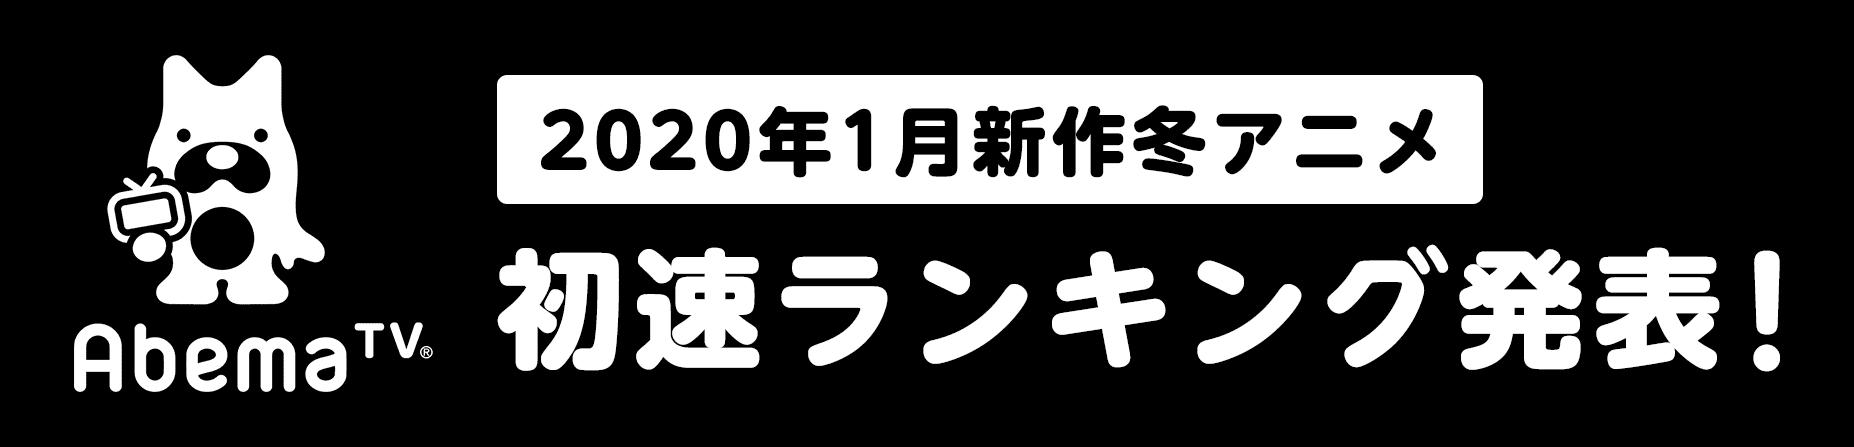 一月アニメ初速ランキング